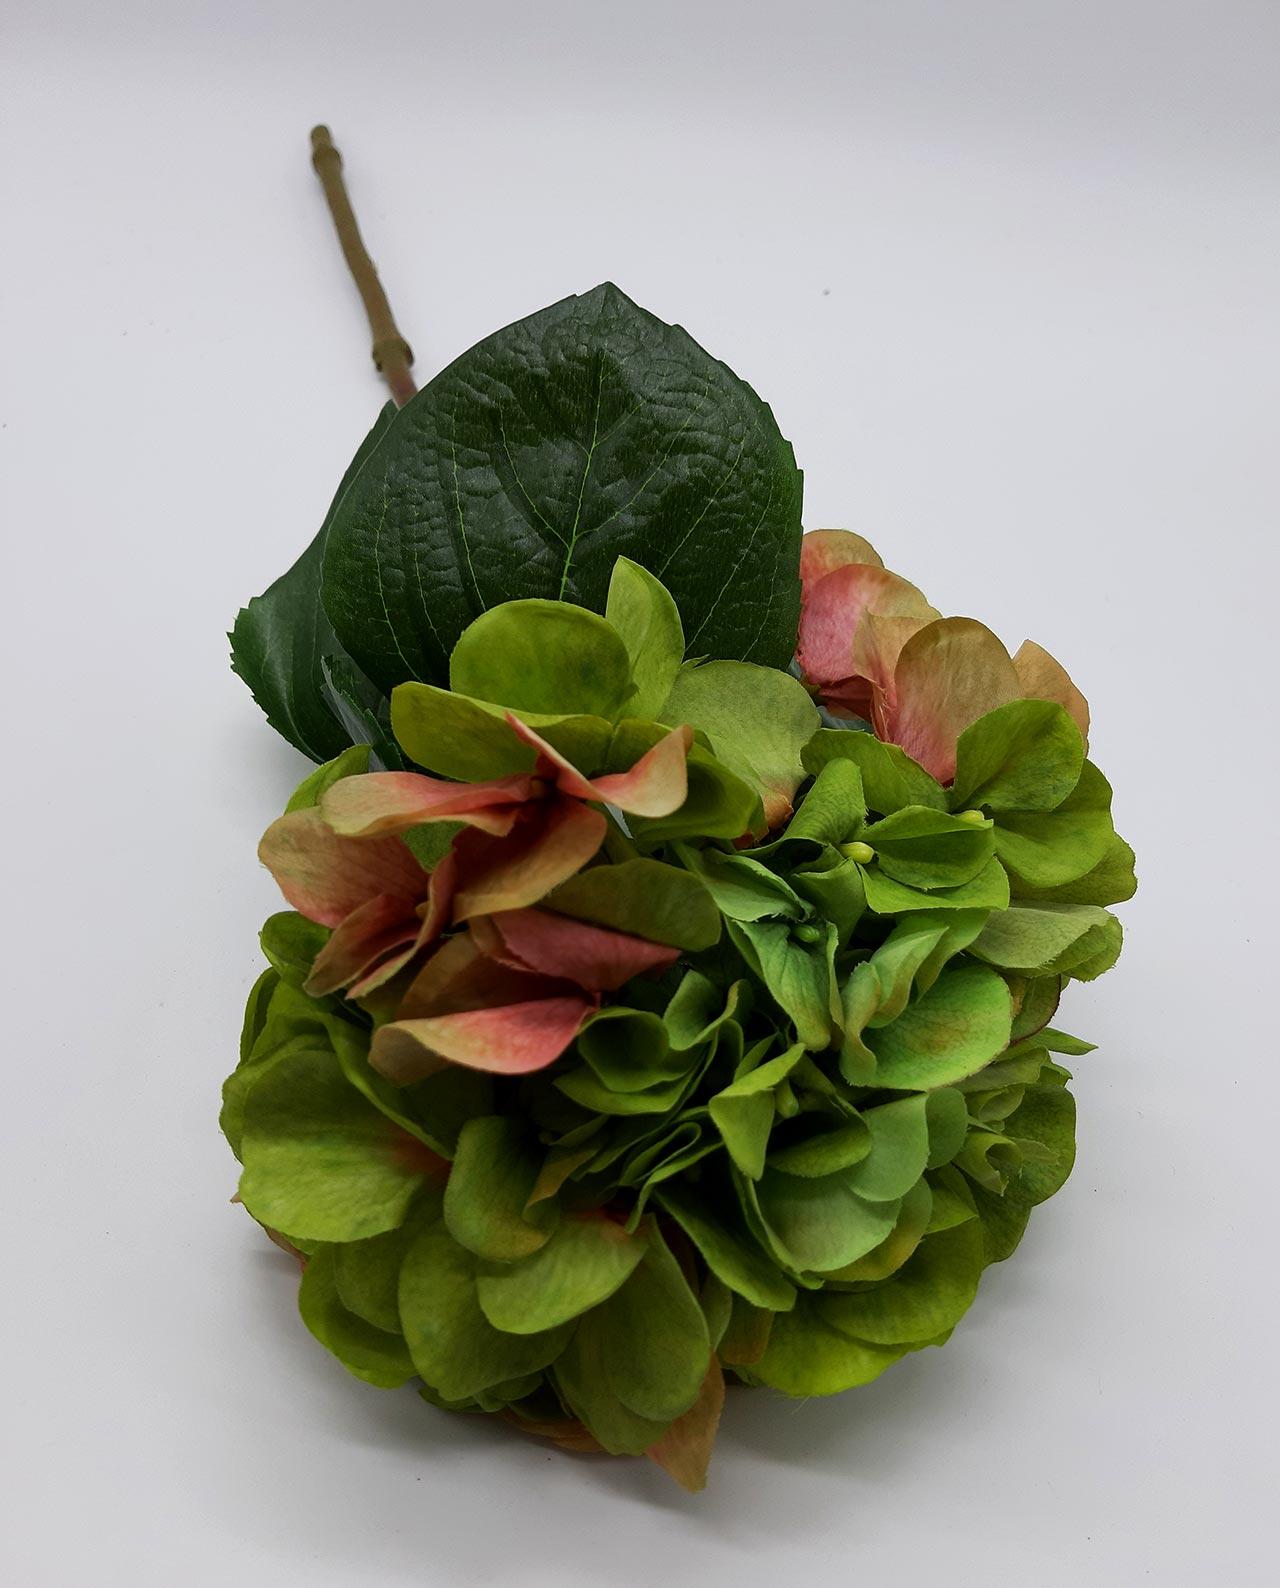 Ορτανσία υφασμάτινη πράσινη ύψους 65 cm